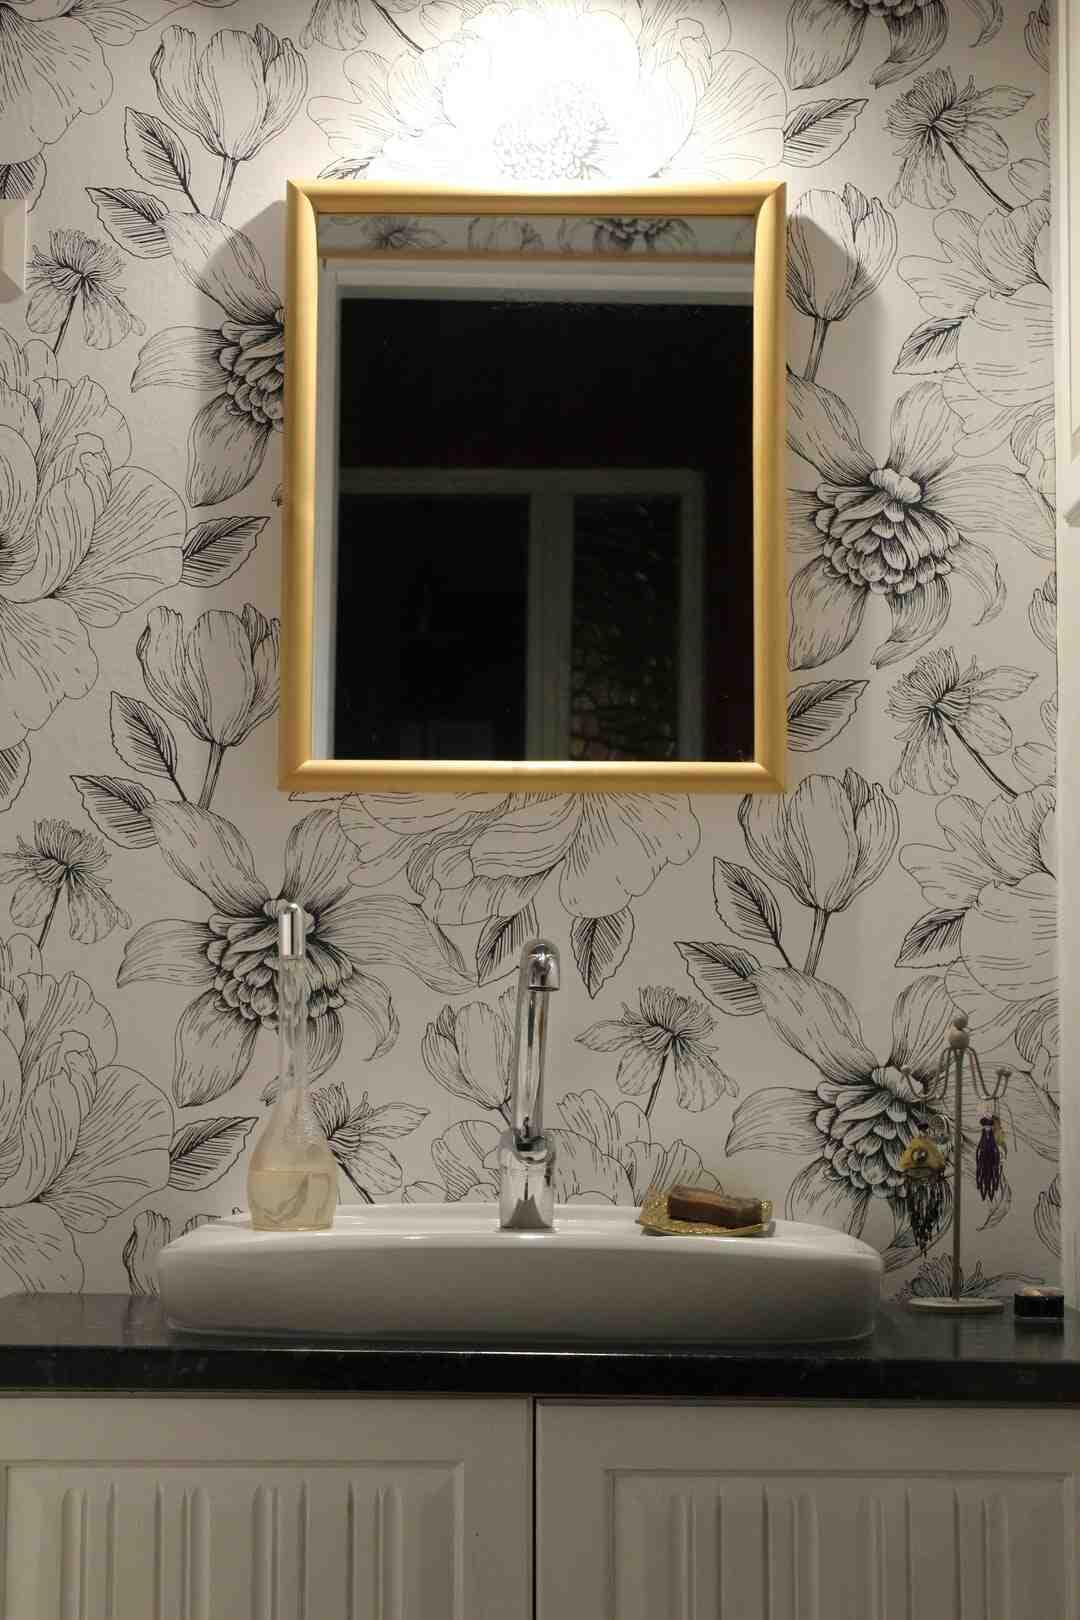 Comment accrocher mon miroir au mur ?